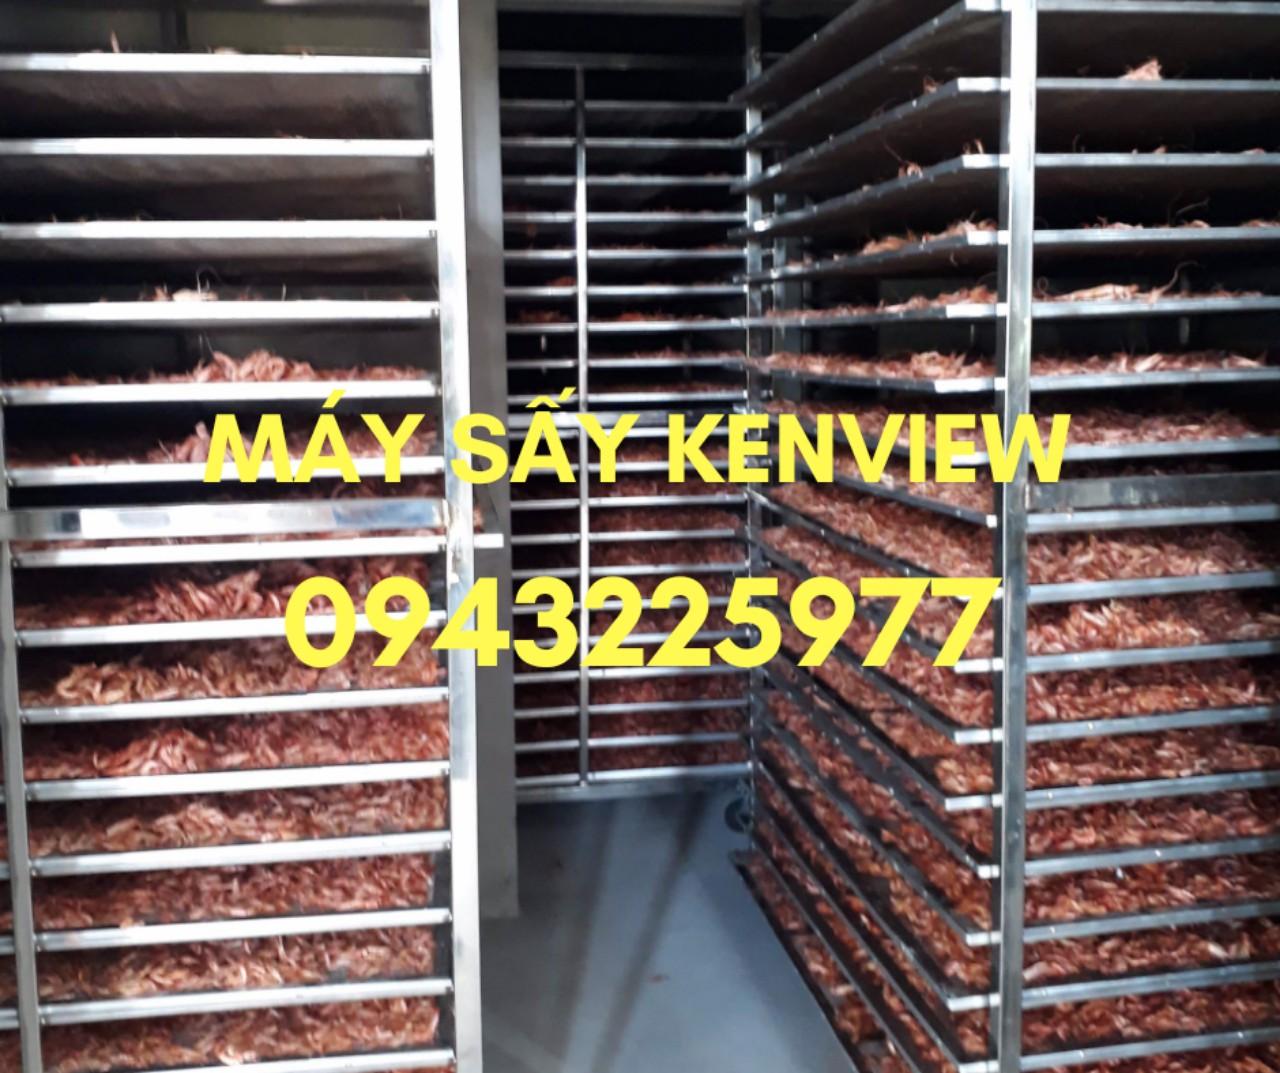 Máy sấy thực phẩm công nghiệp kenview